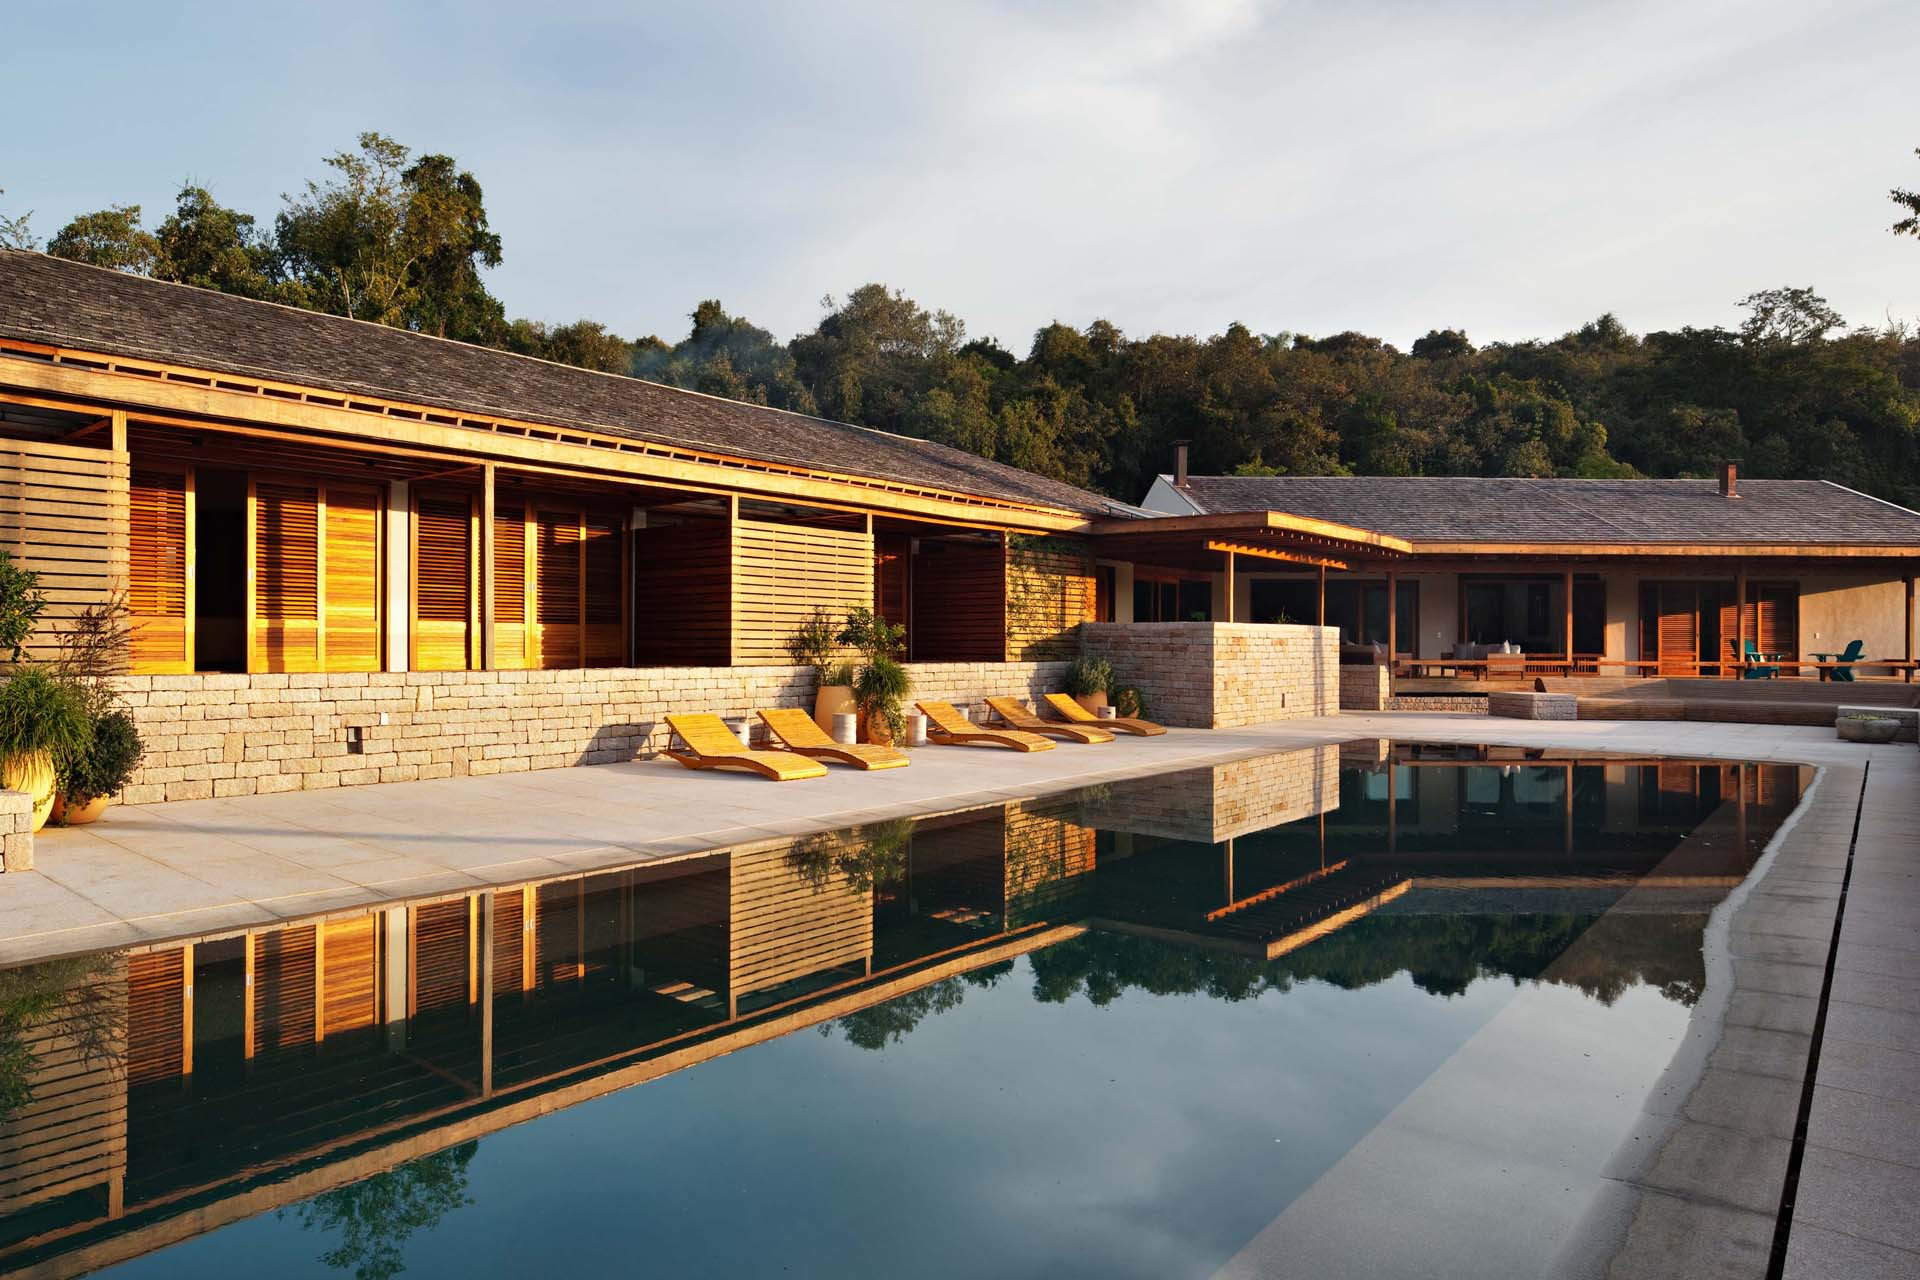 Casa quinta da baronesa gui paoliello arquiteto for Plano de casa quinta moderna